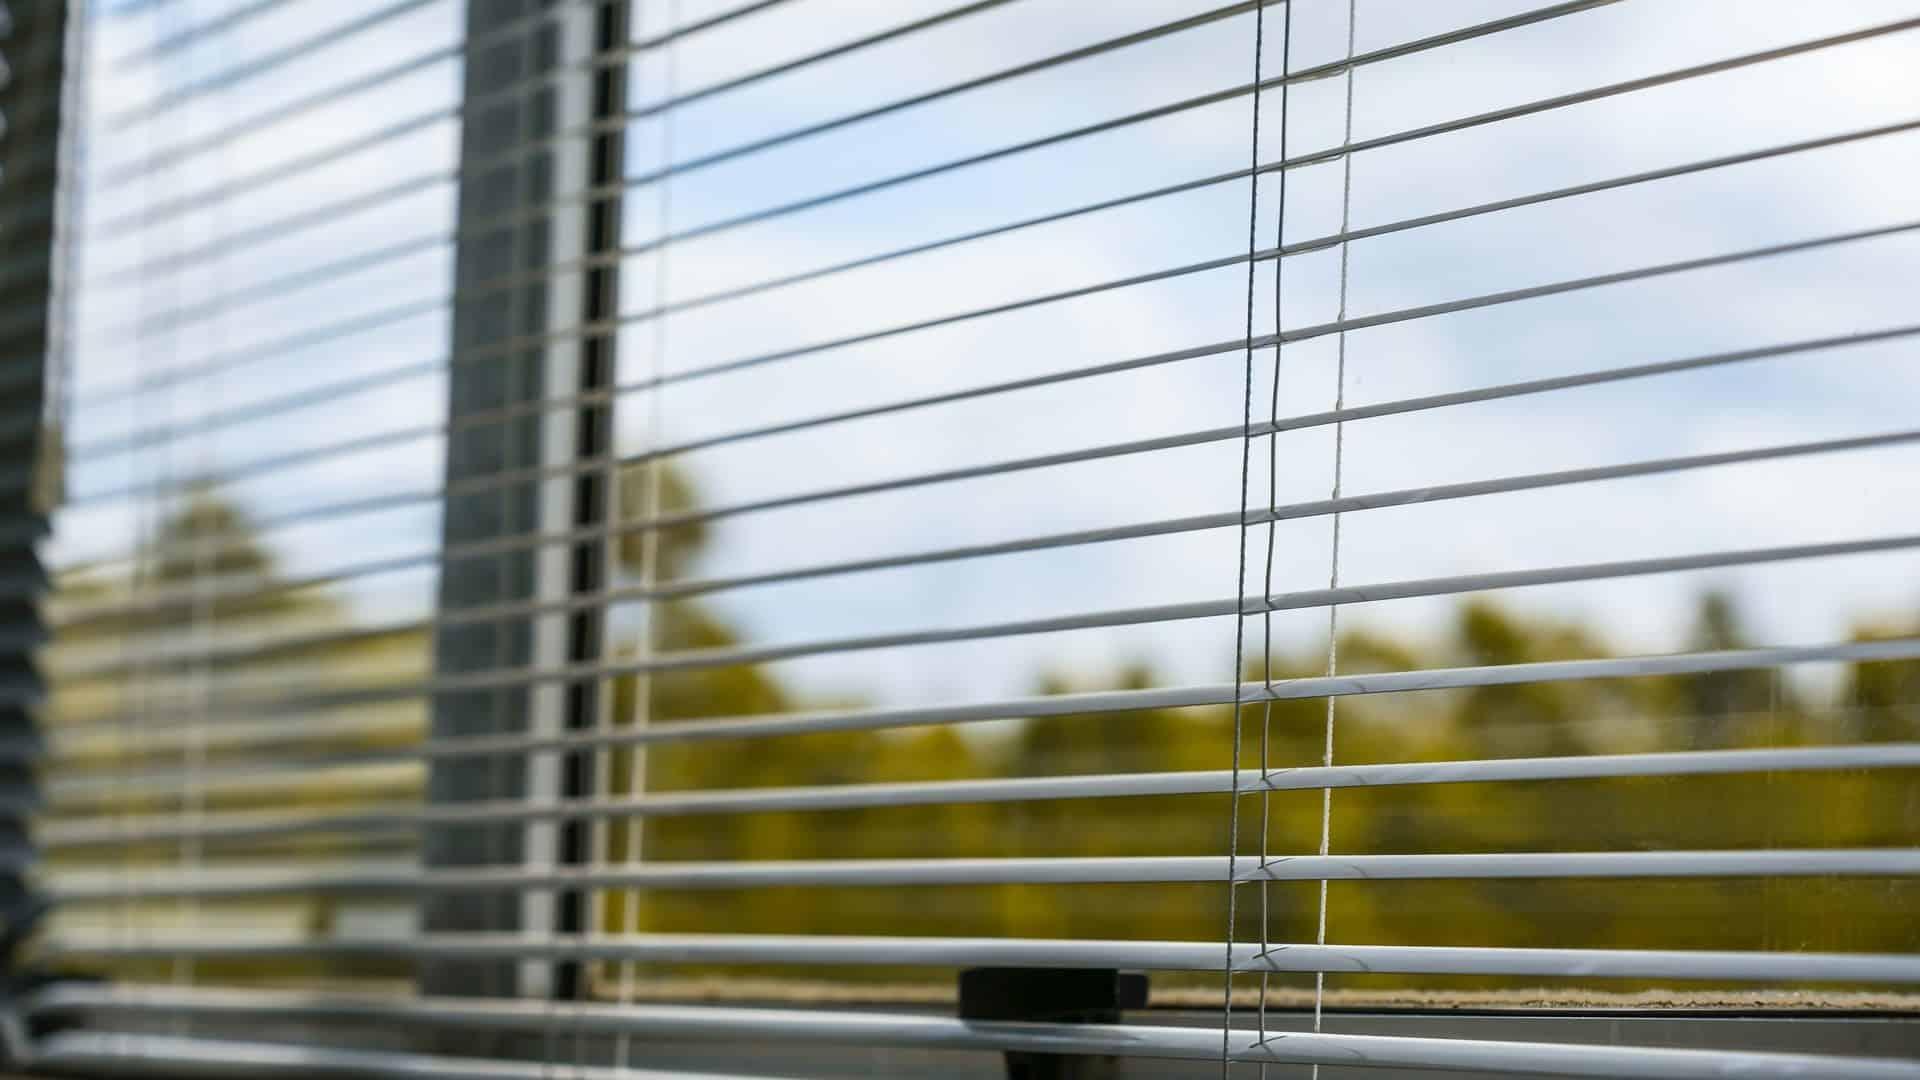 Schone ramen achter luxaflex, vooraanzicht